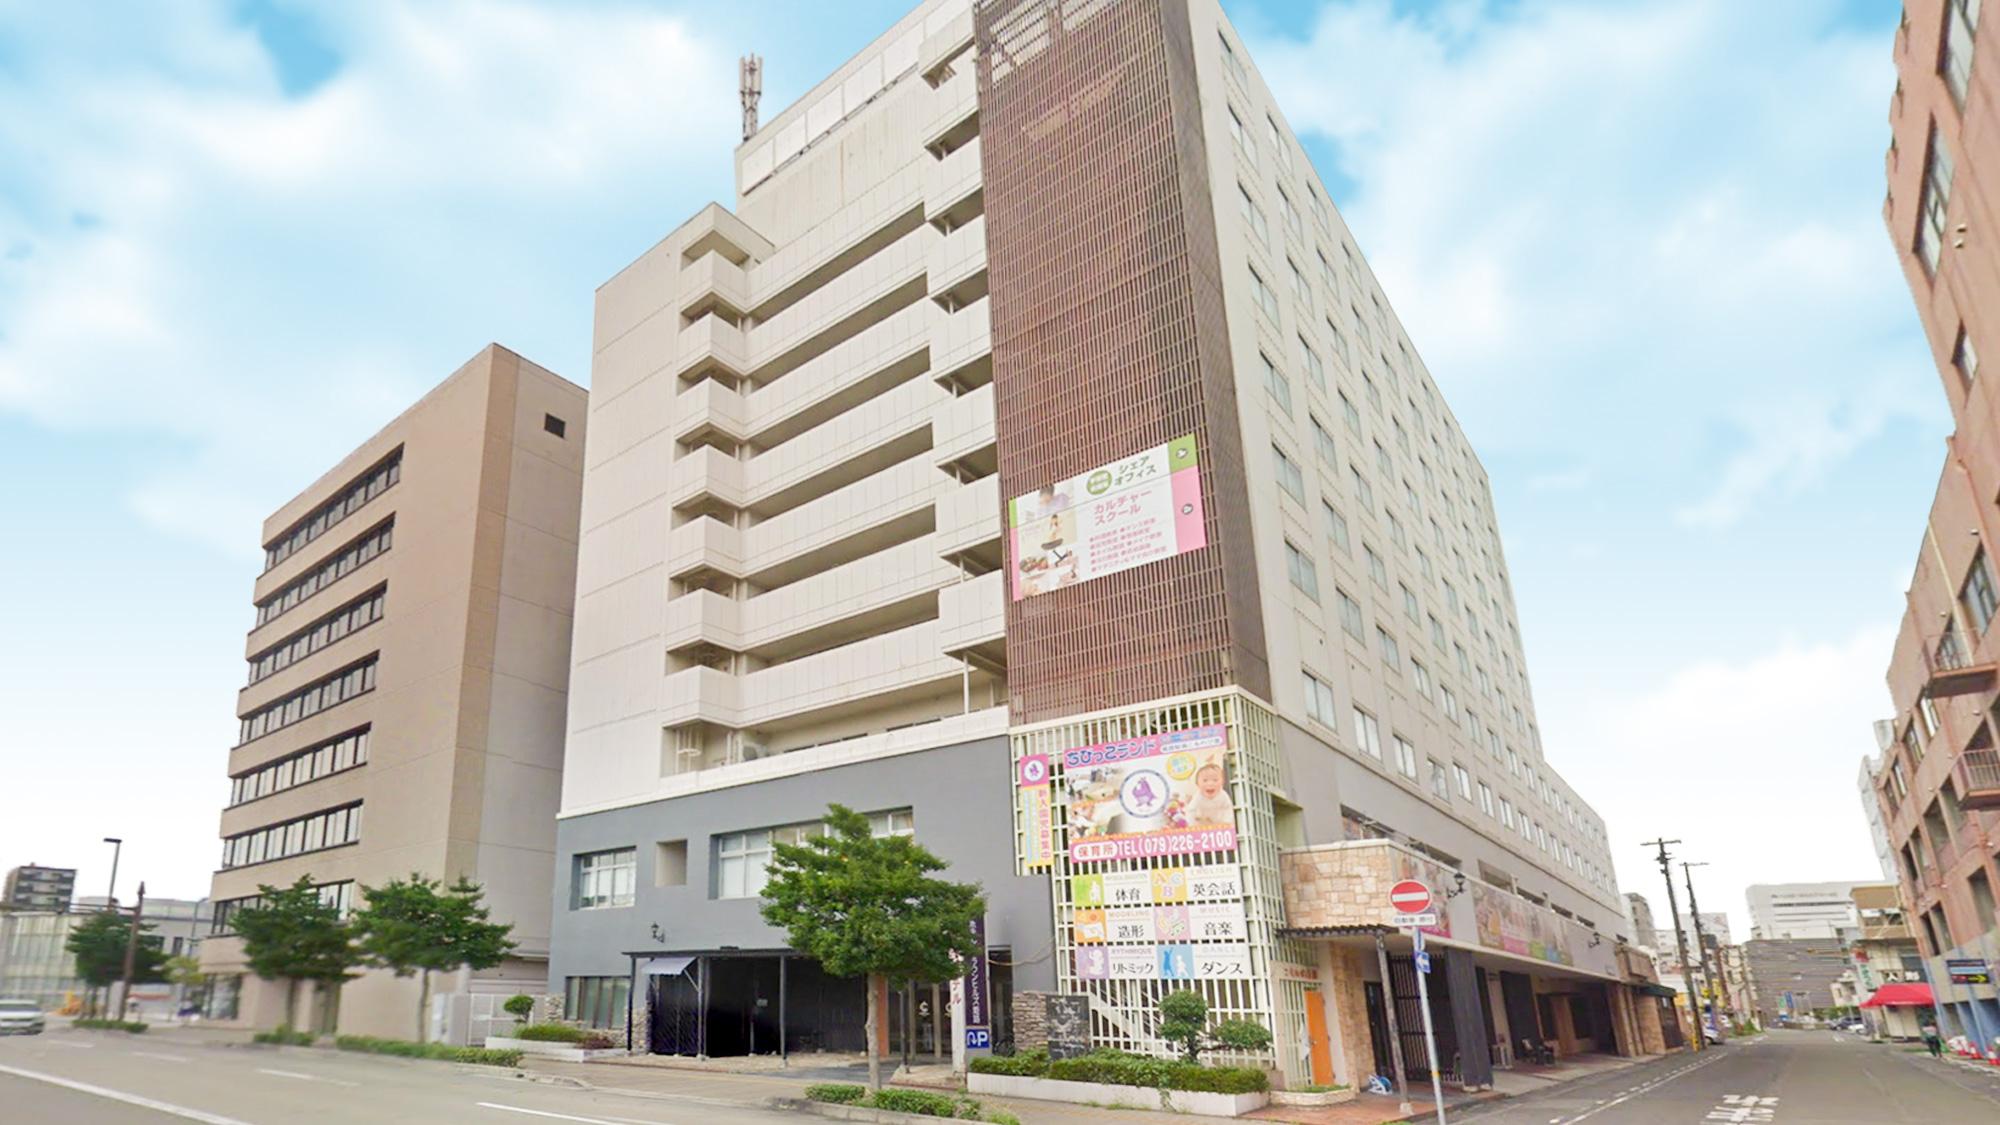 ホテルクラウンヒルズ姫路(旧:フローラルイン姫路/BBHホテルグループ)